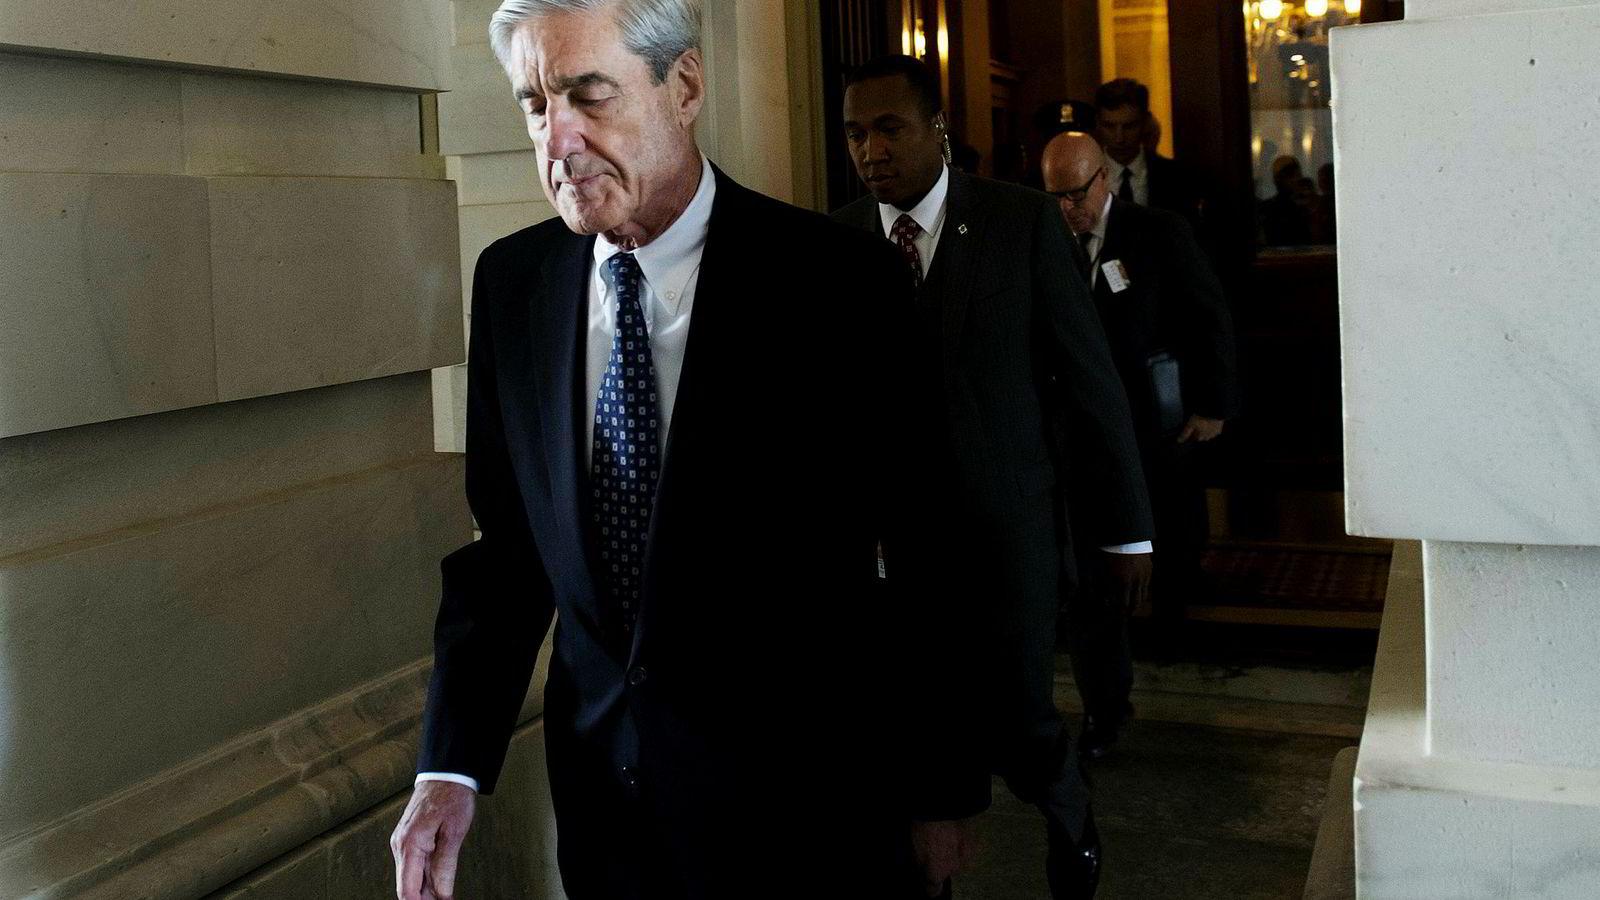 Spesialetterforsker Robert Mueller har undersøkt Russlands antatte forsøk på å påvirke det amerikanske valget i 2016.